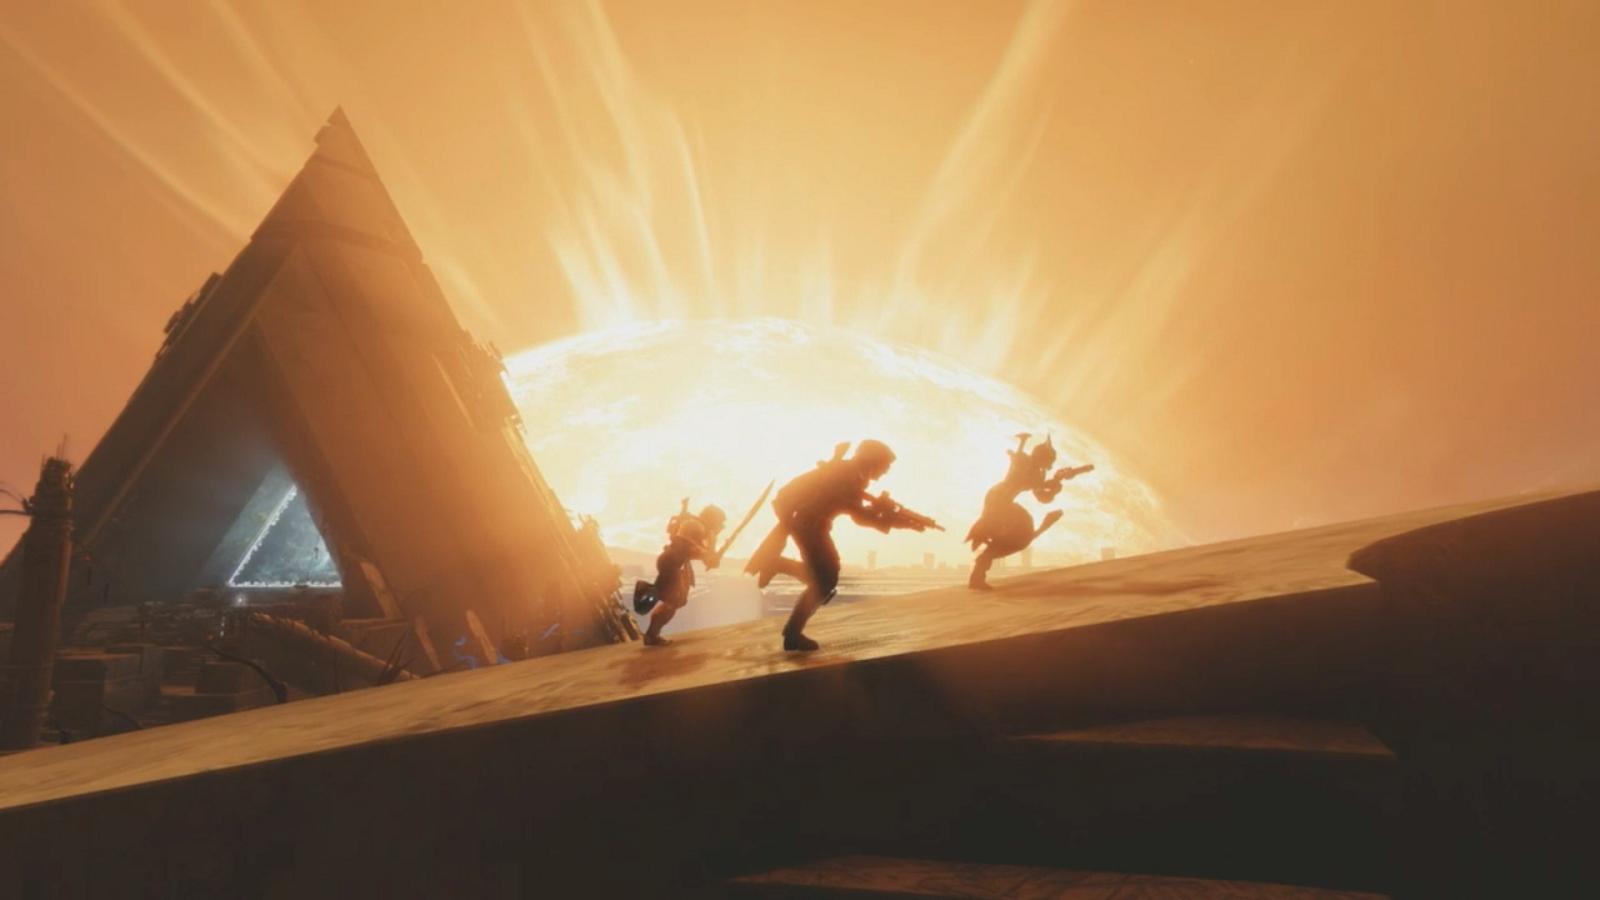 Destiny 2 Should Bungie Bring Trials Of Osiris Back